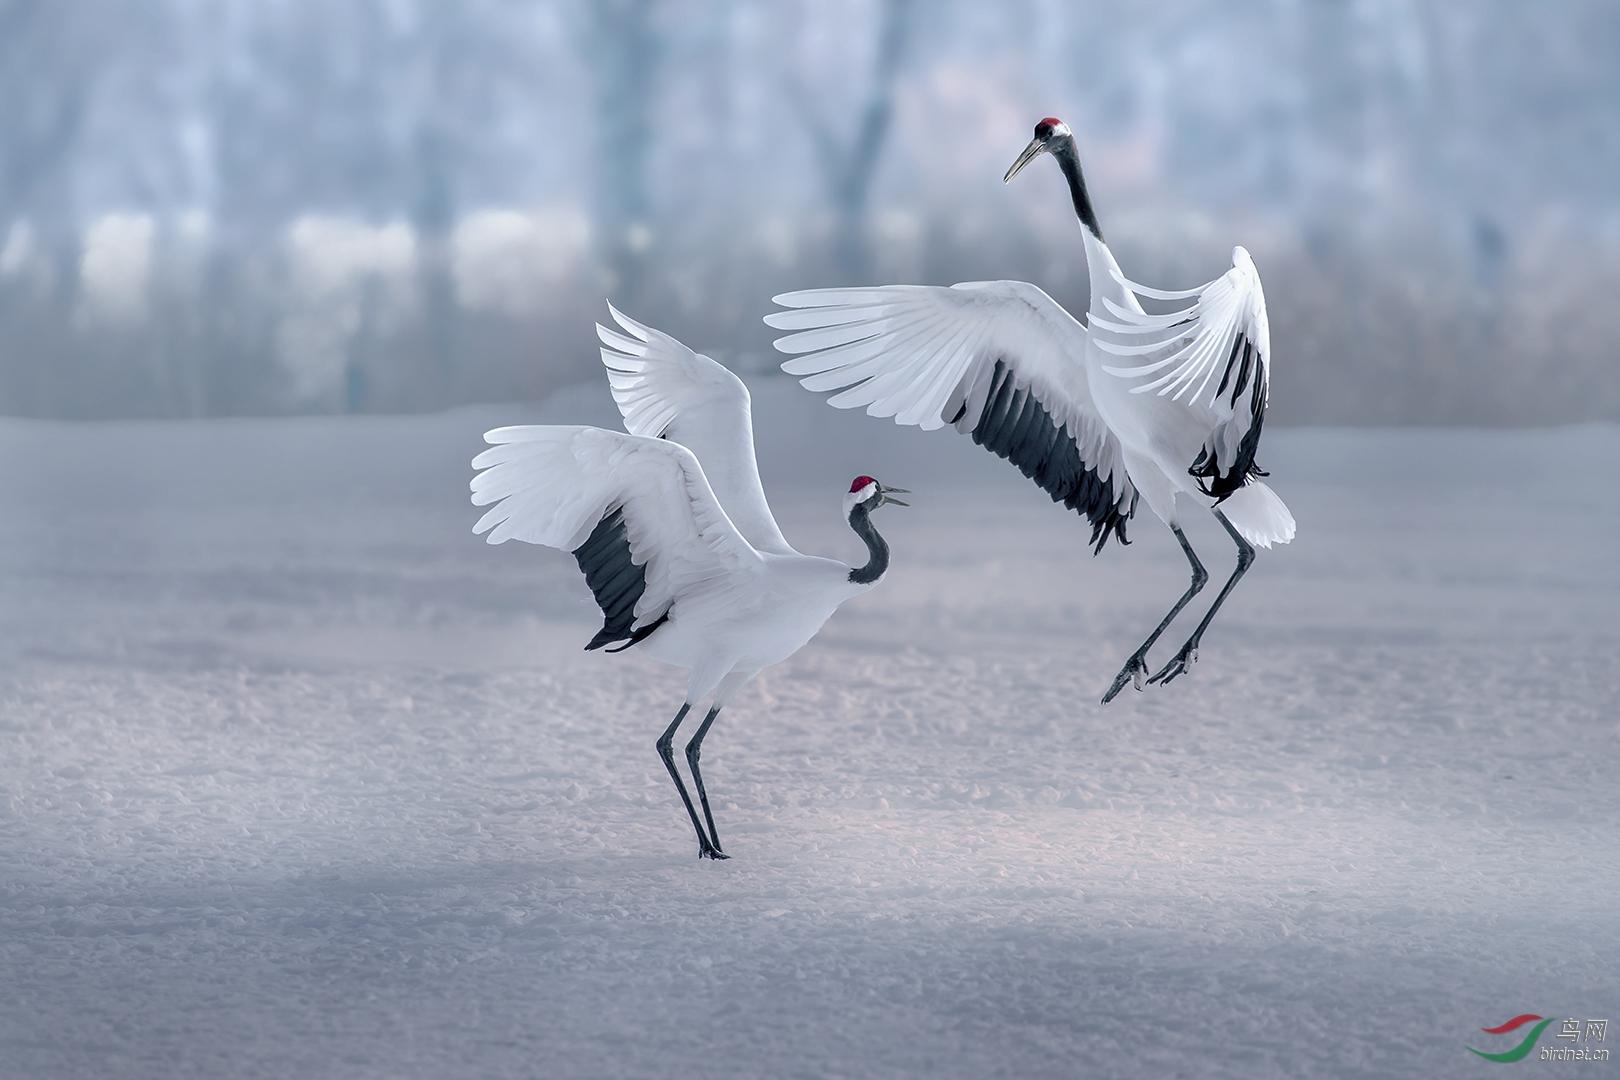 0519. 11846_雪域仙踪Snow crane_真实野生鸟类.jpg